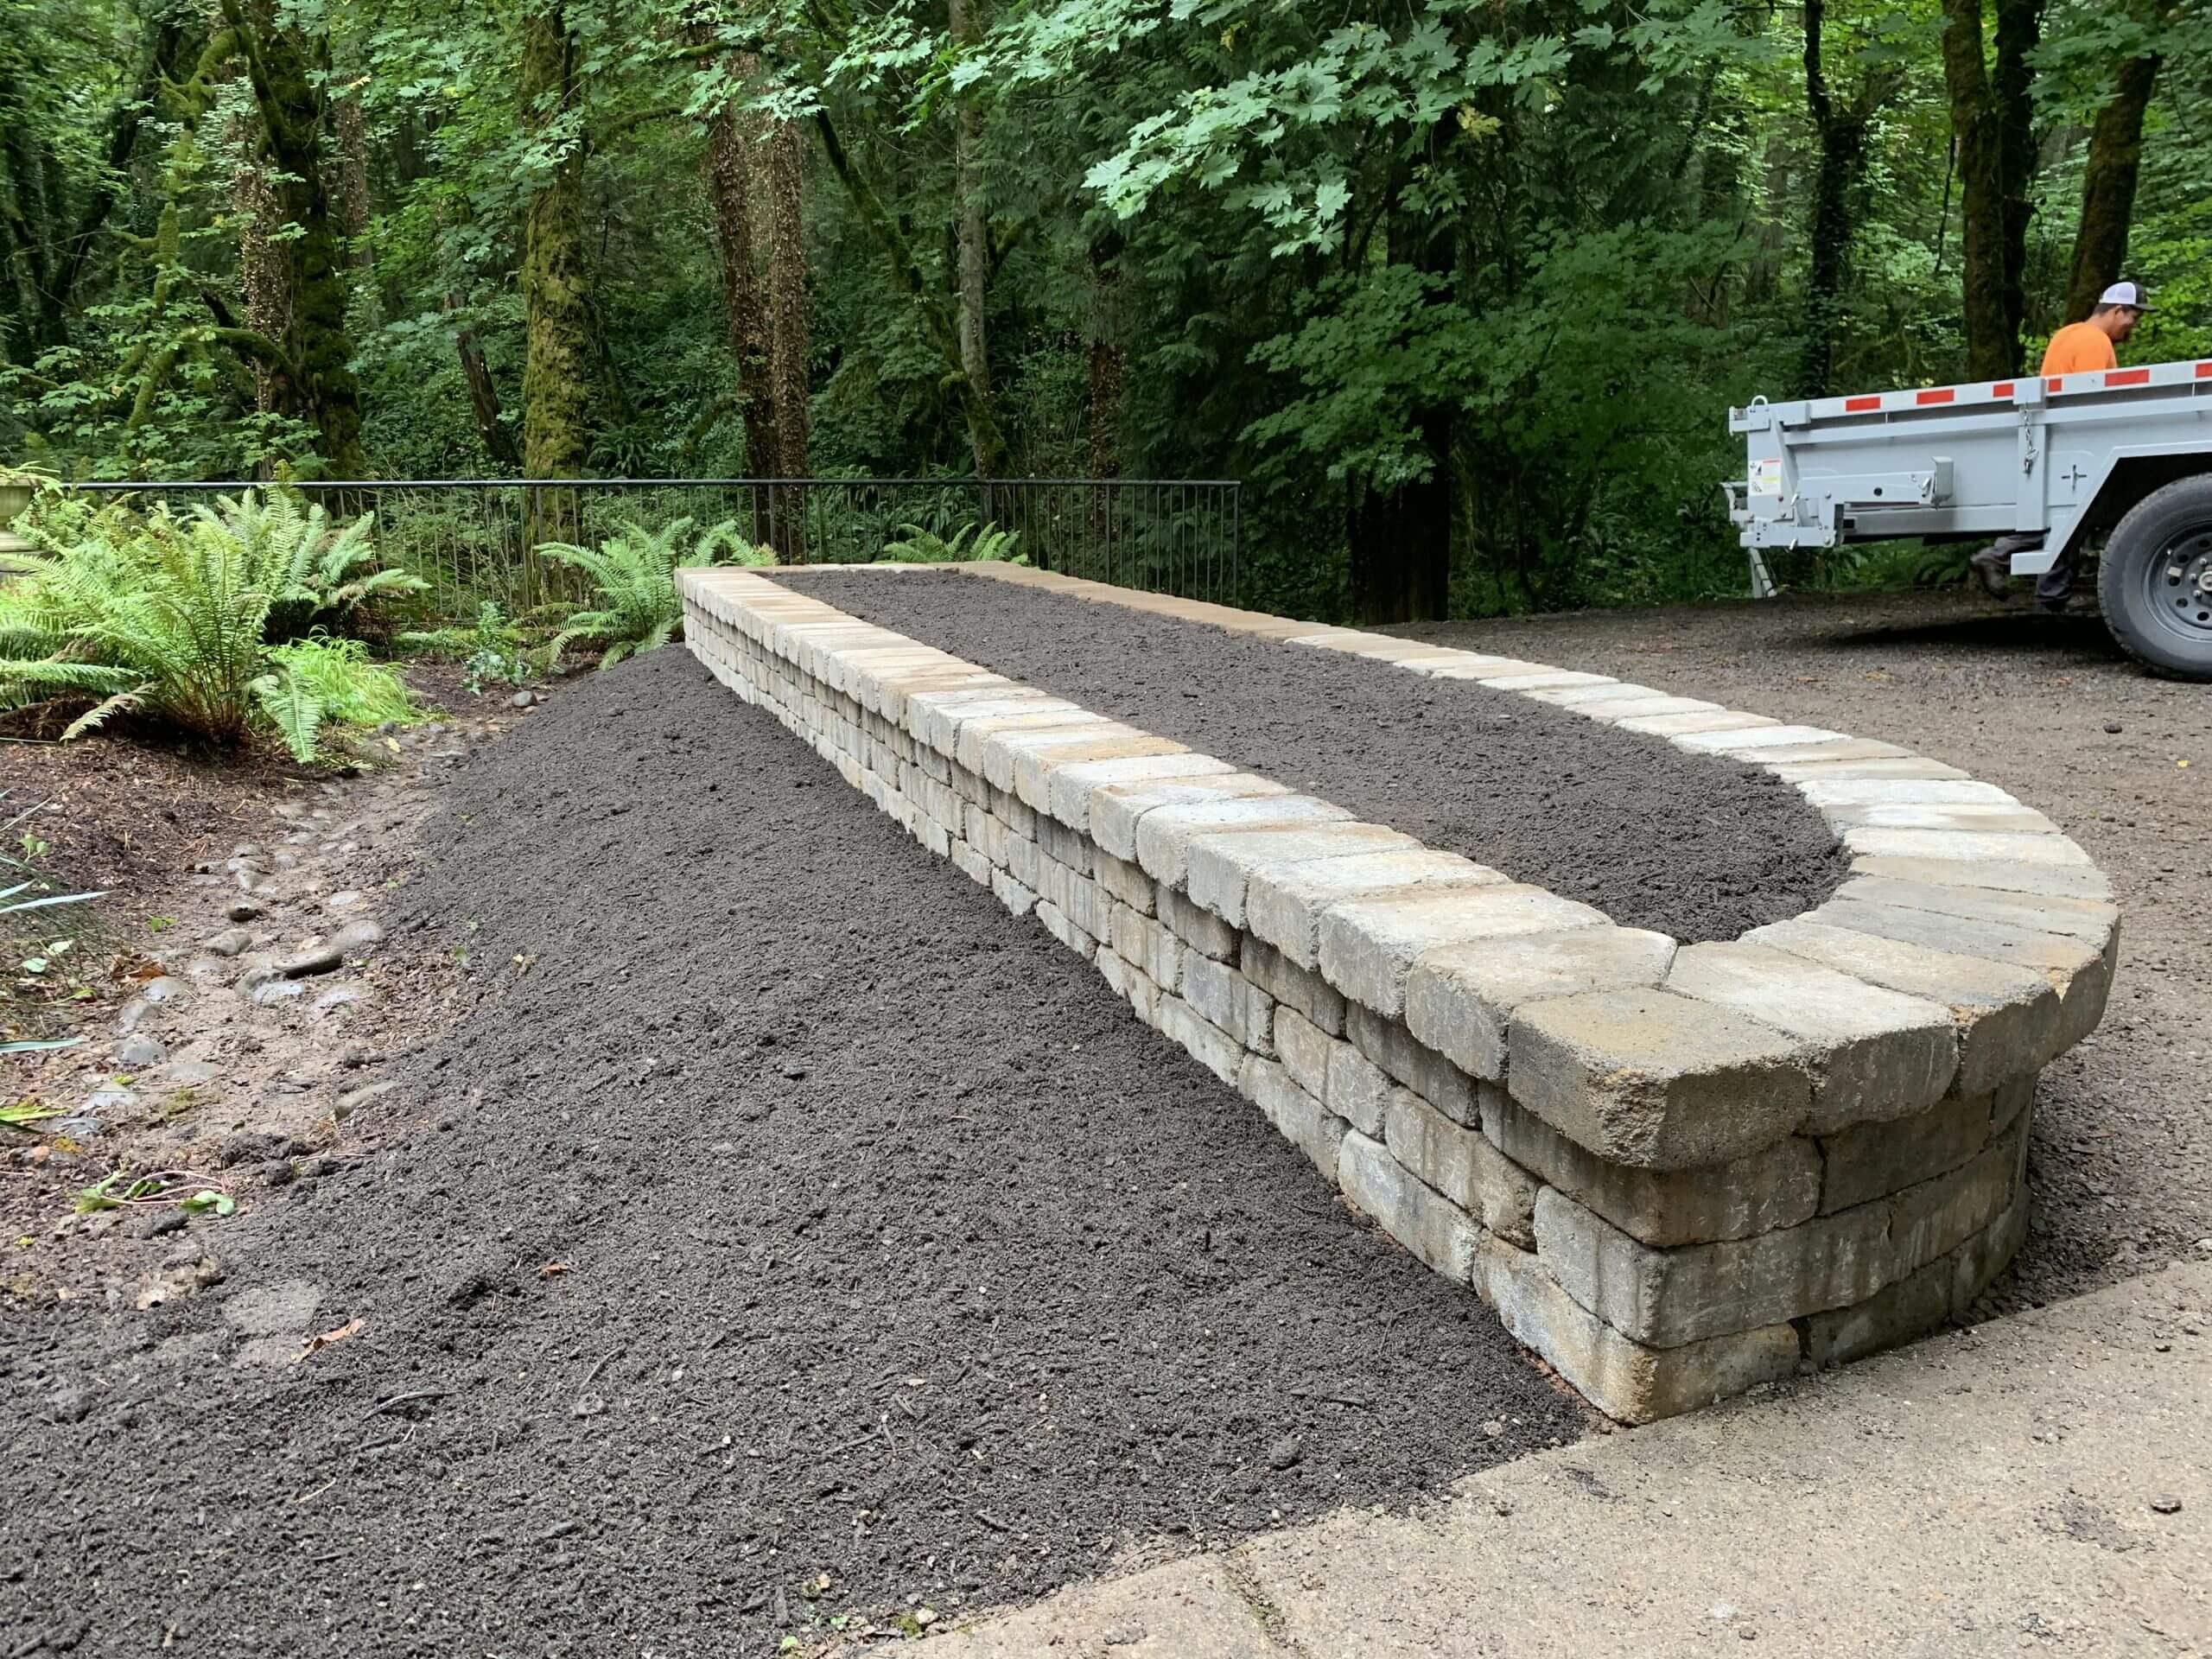 https://shovelandthumb.sfo3.digitaloceanspaces.com/garden walls/garden wall 3